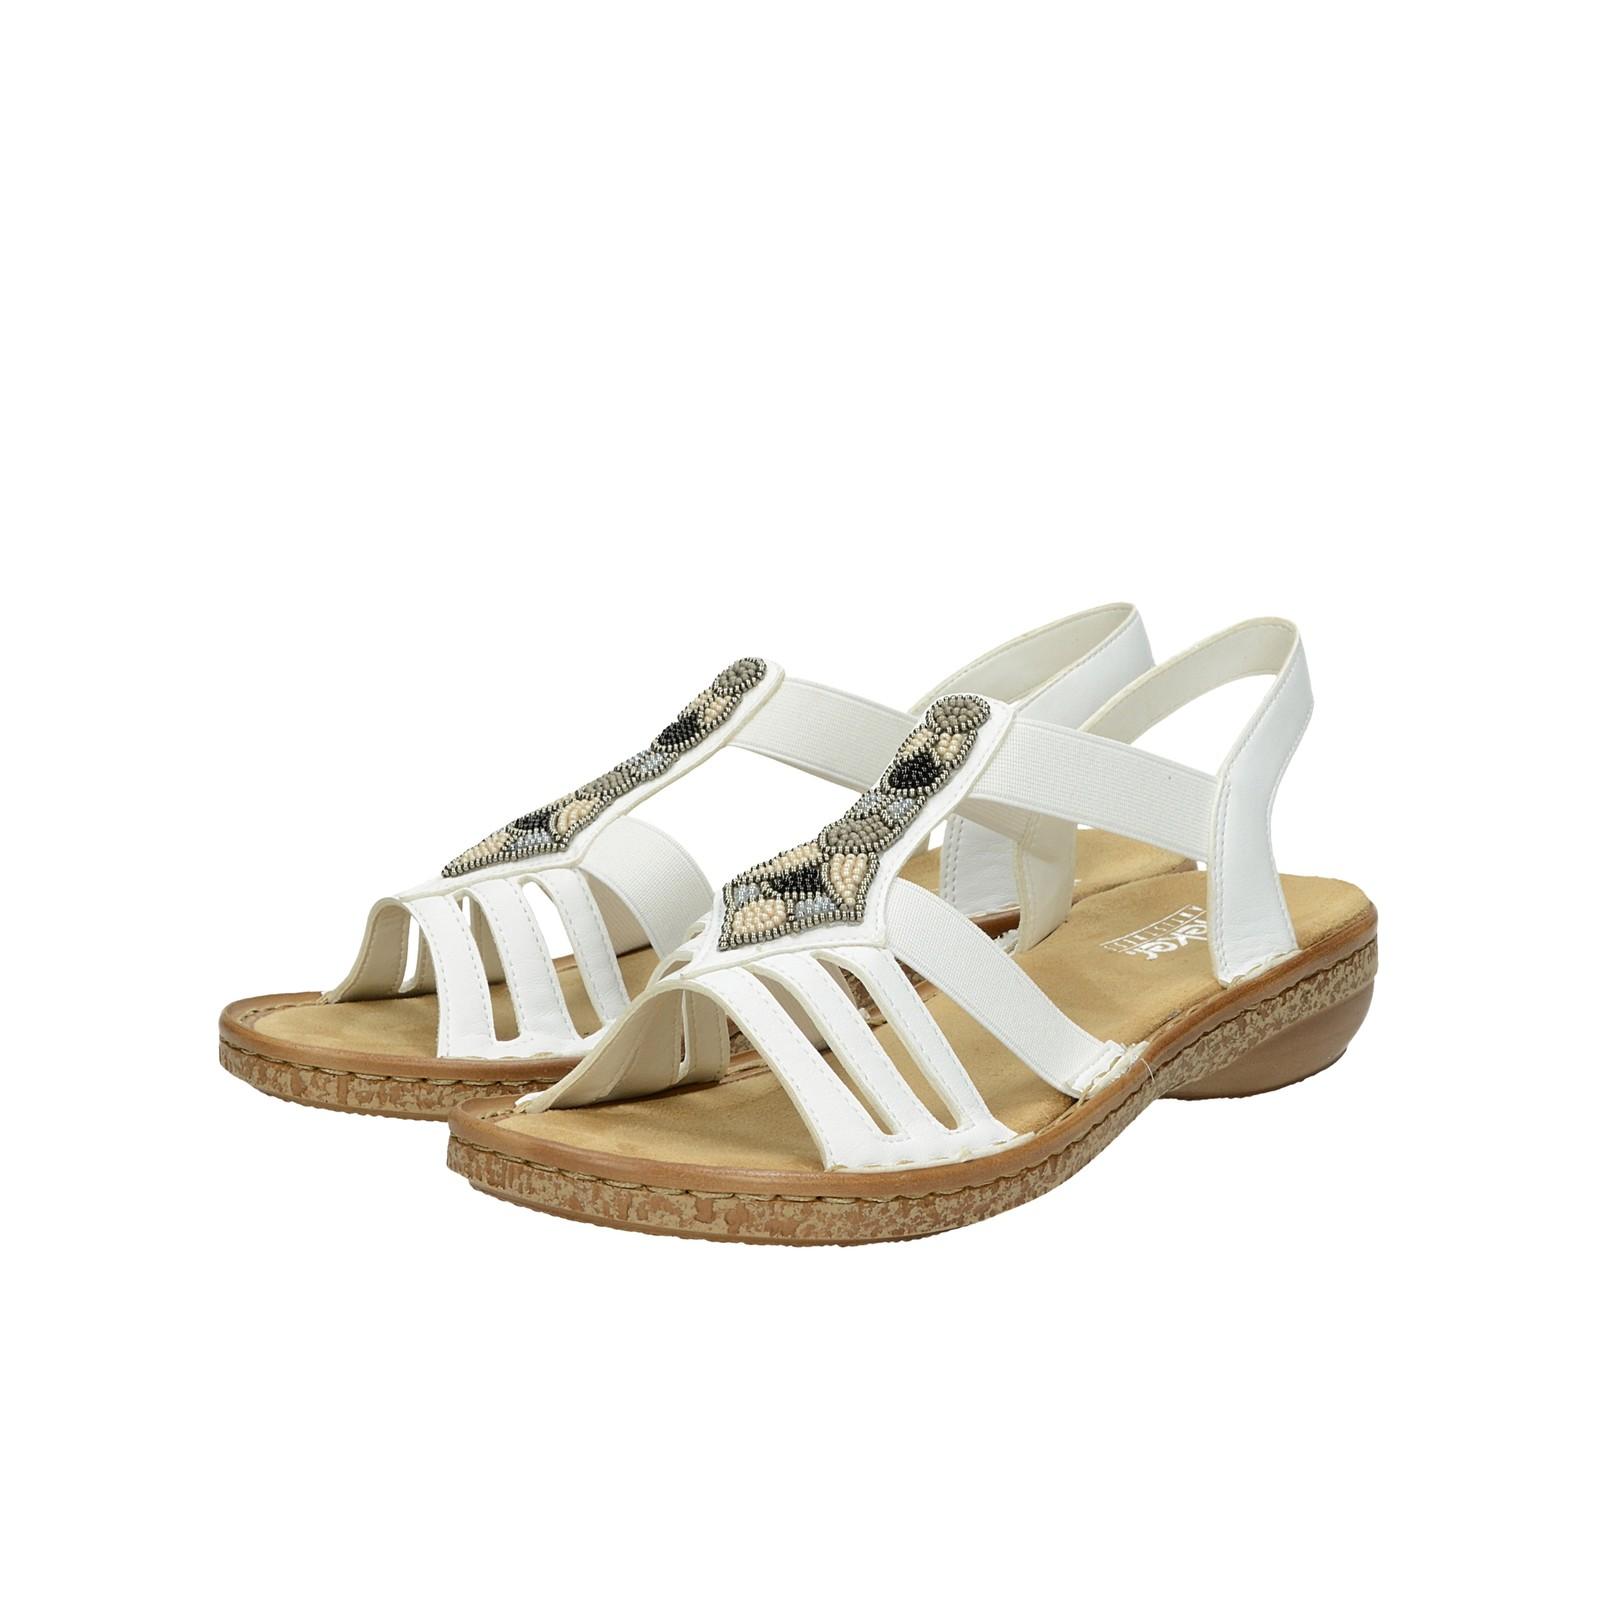 8ee40dc28d62 Rieker dámske elegantné sandále - biele ...